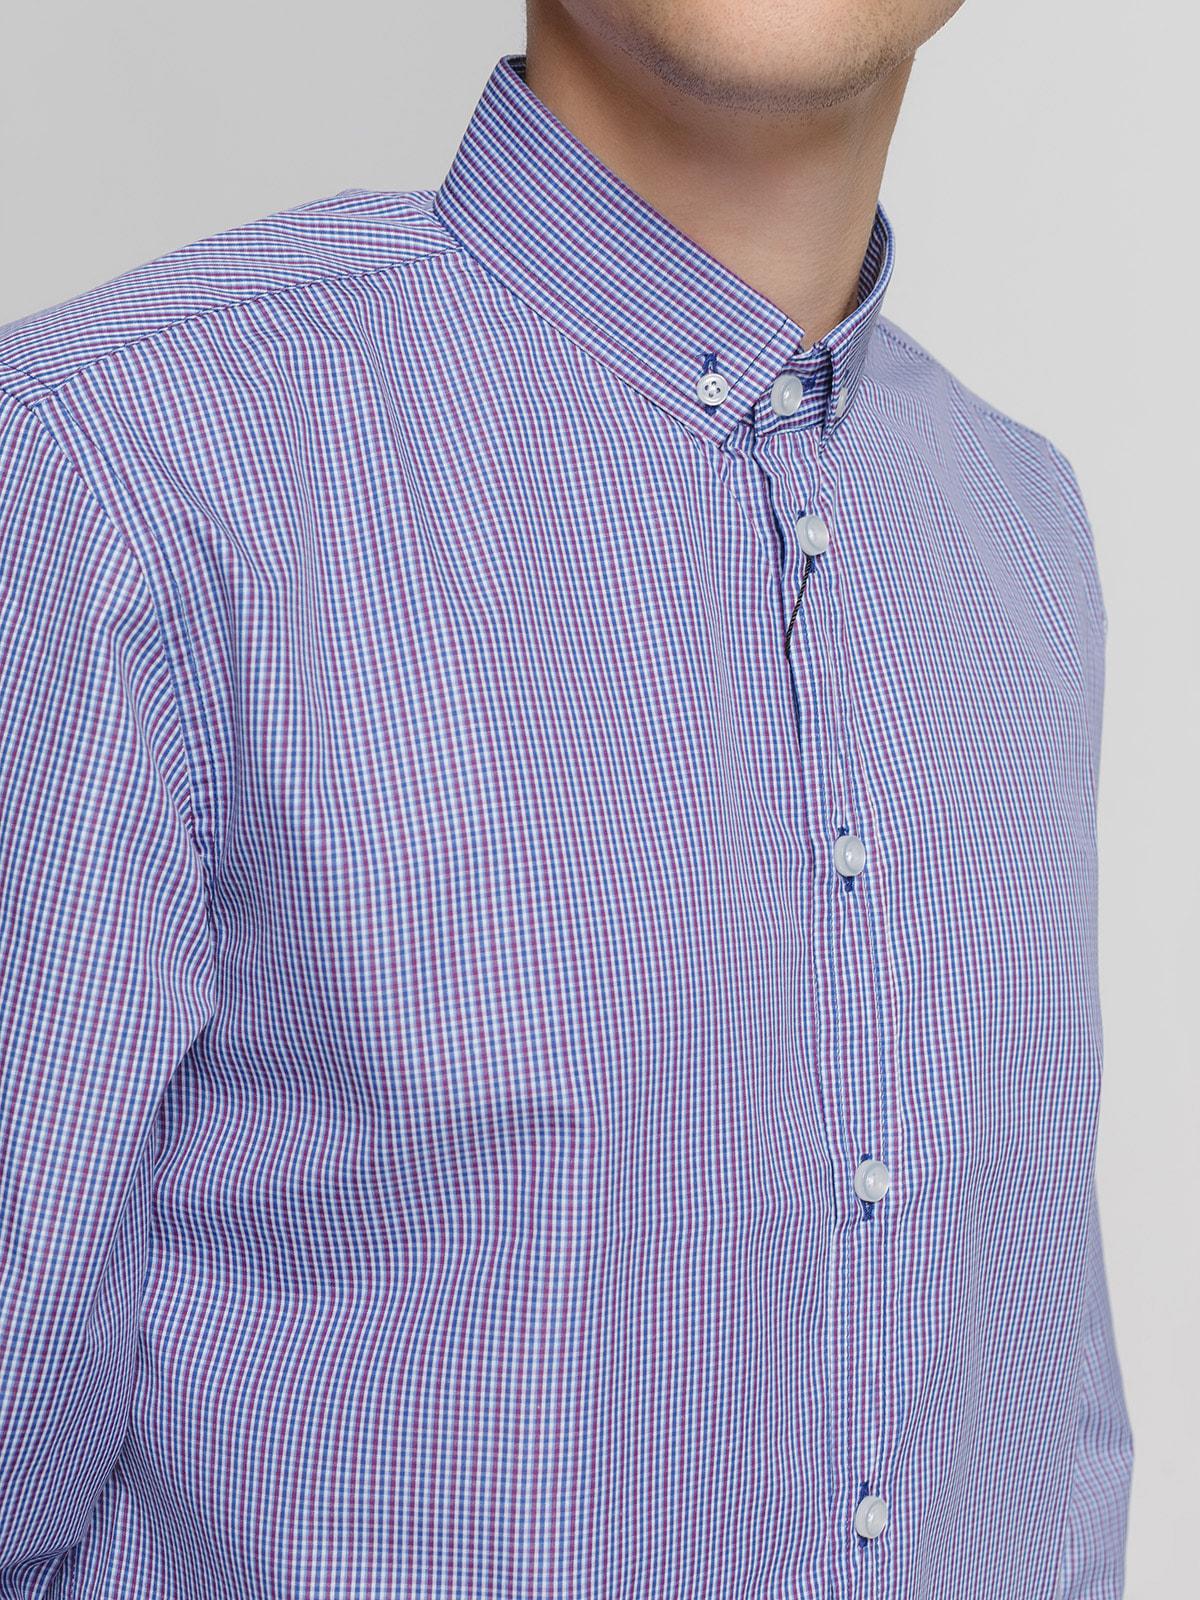 Рубашка в сине-бордовую клетку | 4683190 | фото 3